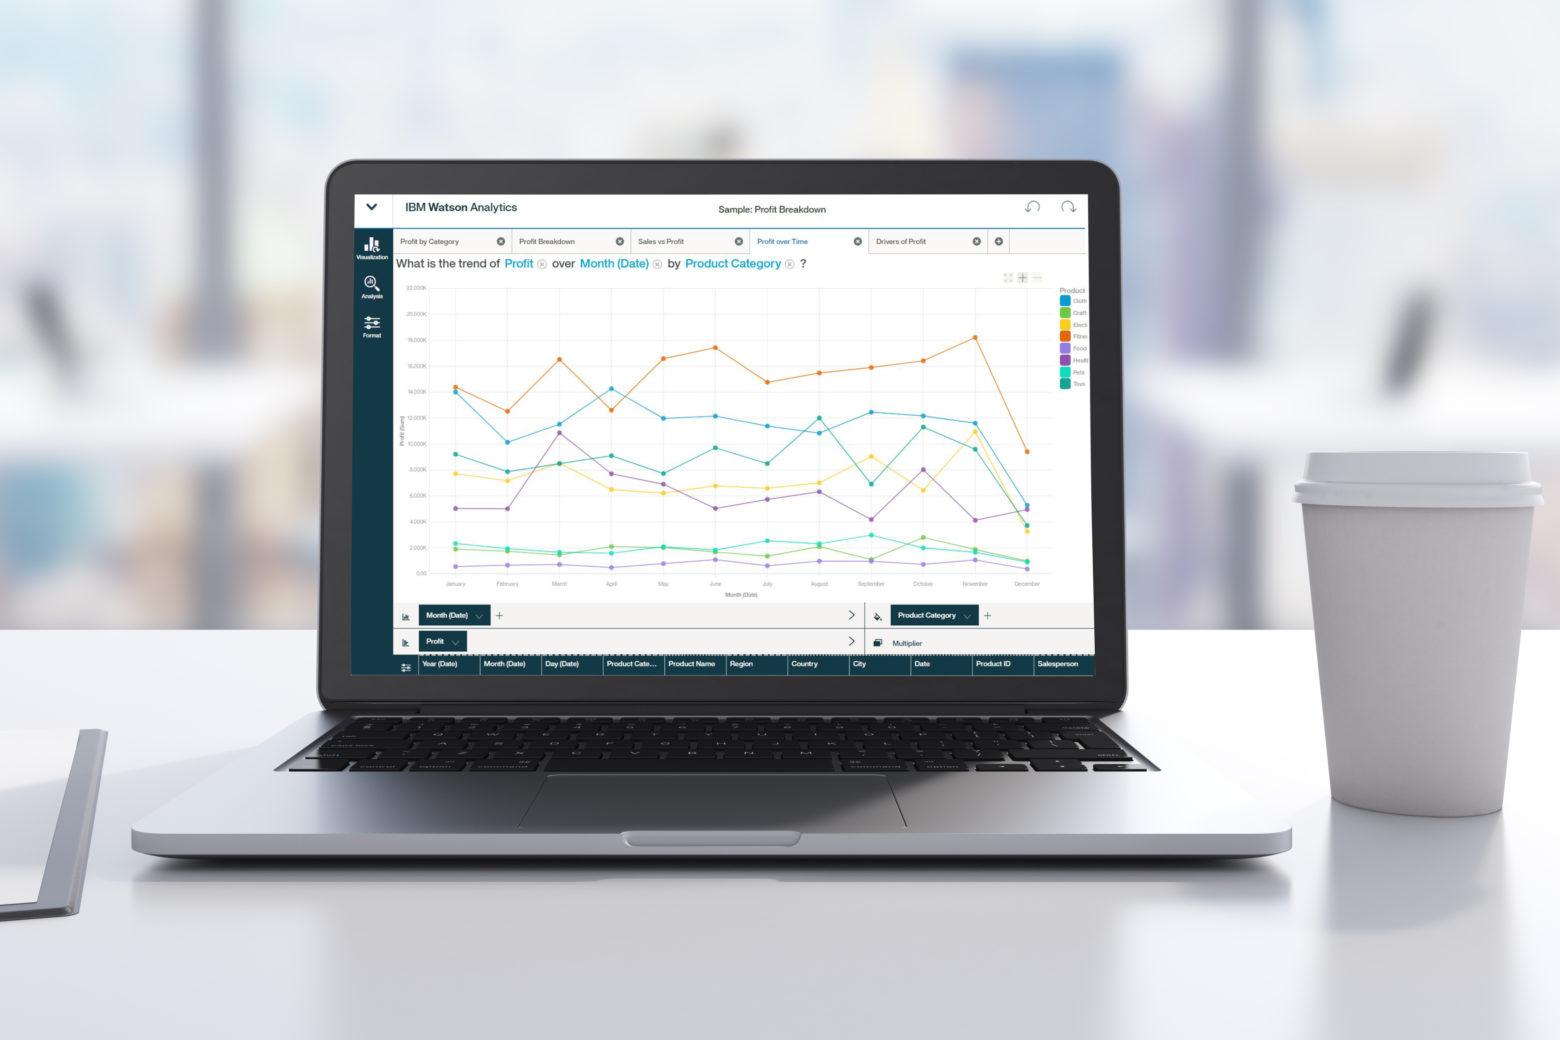 IBM Watson Analytics: Von der Watson-Technologie und KI profitieren